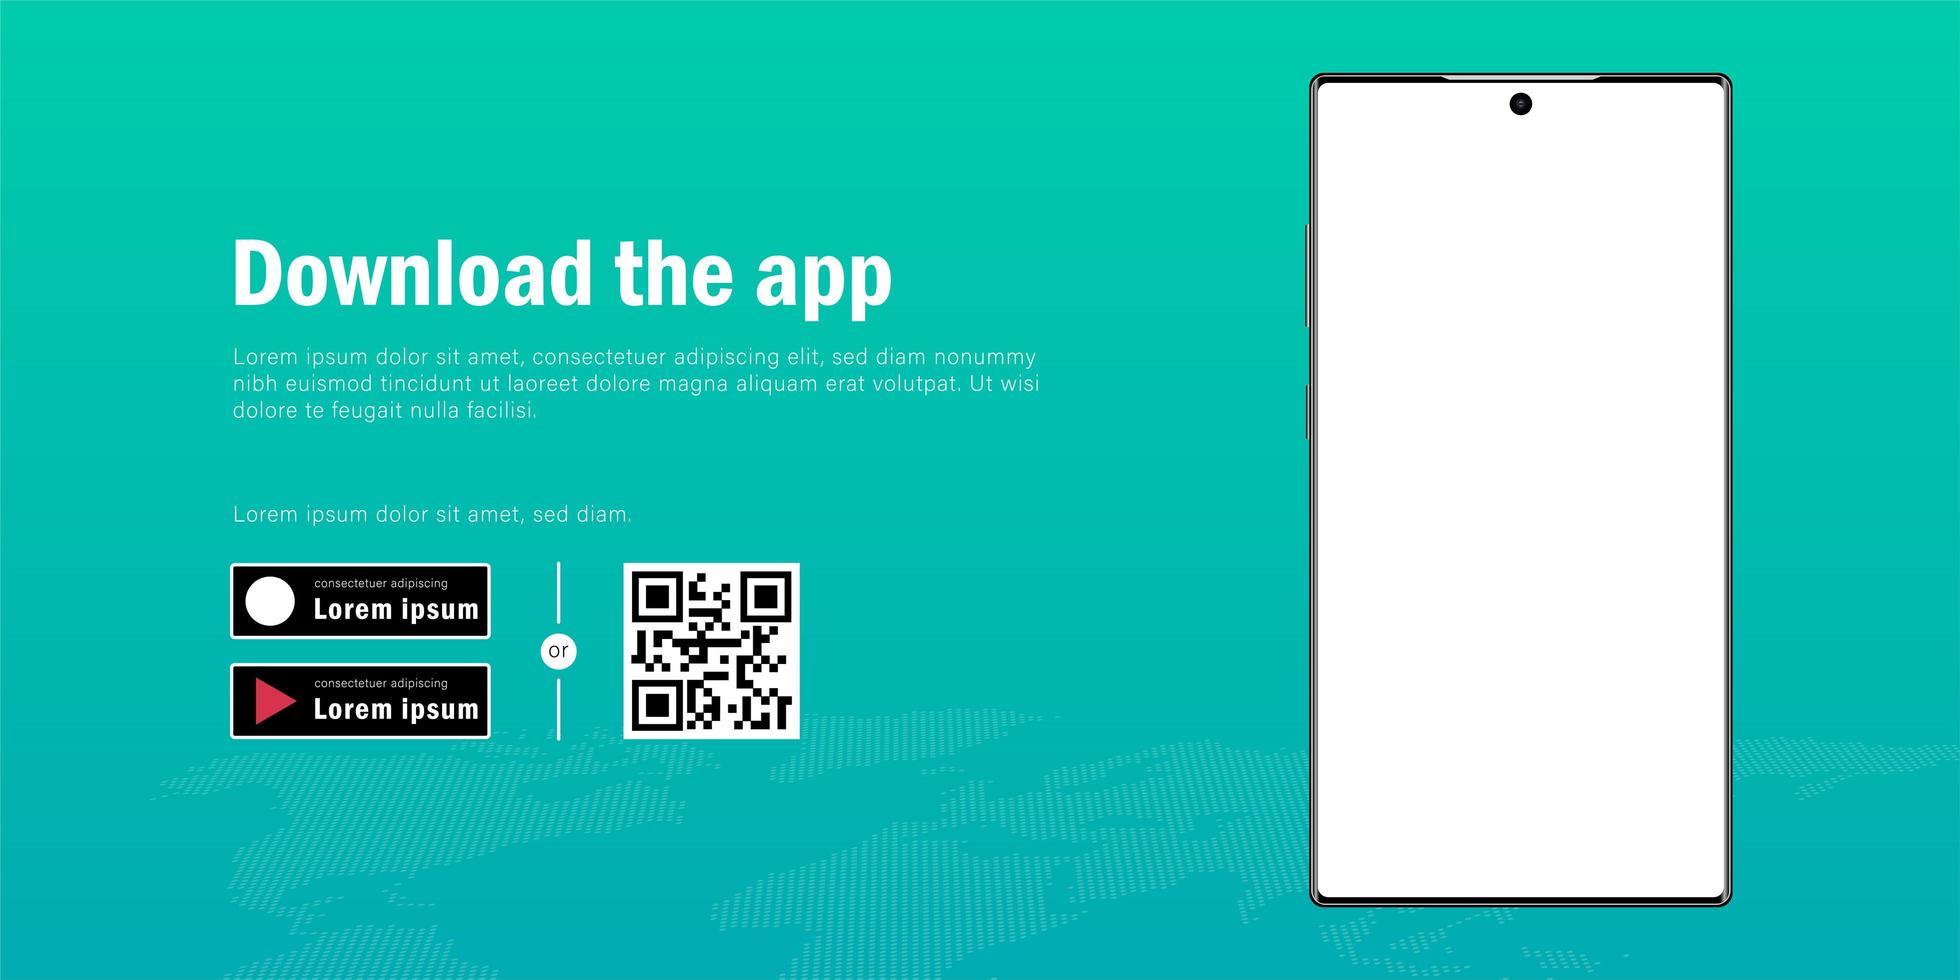 banner web del mockup di smartphone mobile con pubblicità per scaricare l'app, codice qr e modello di pulsanti vettore